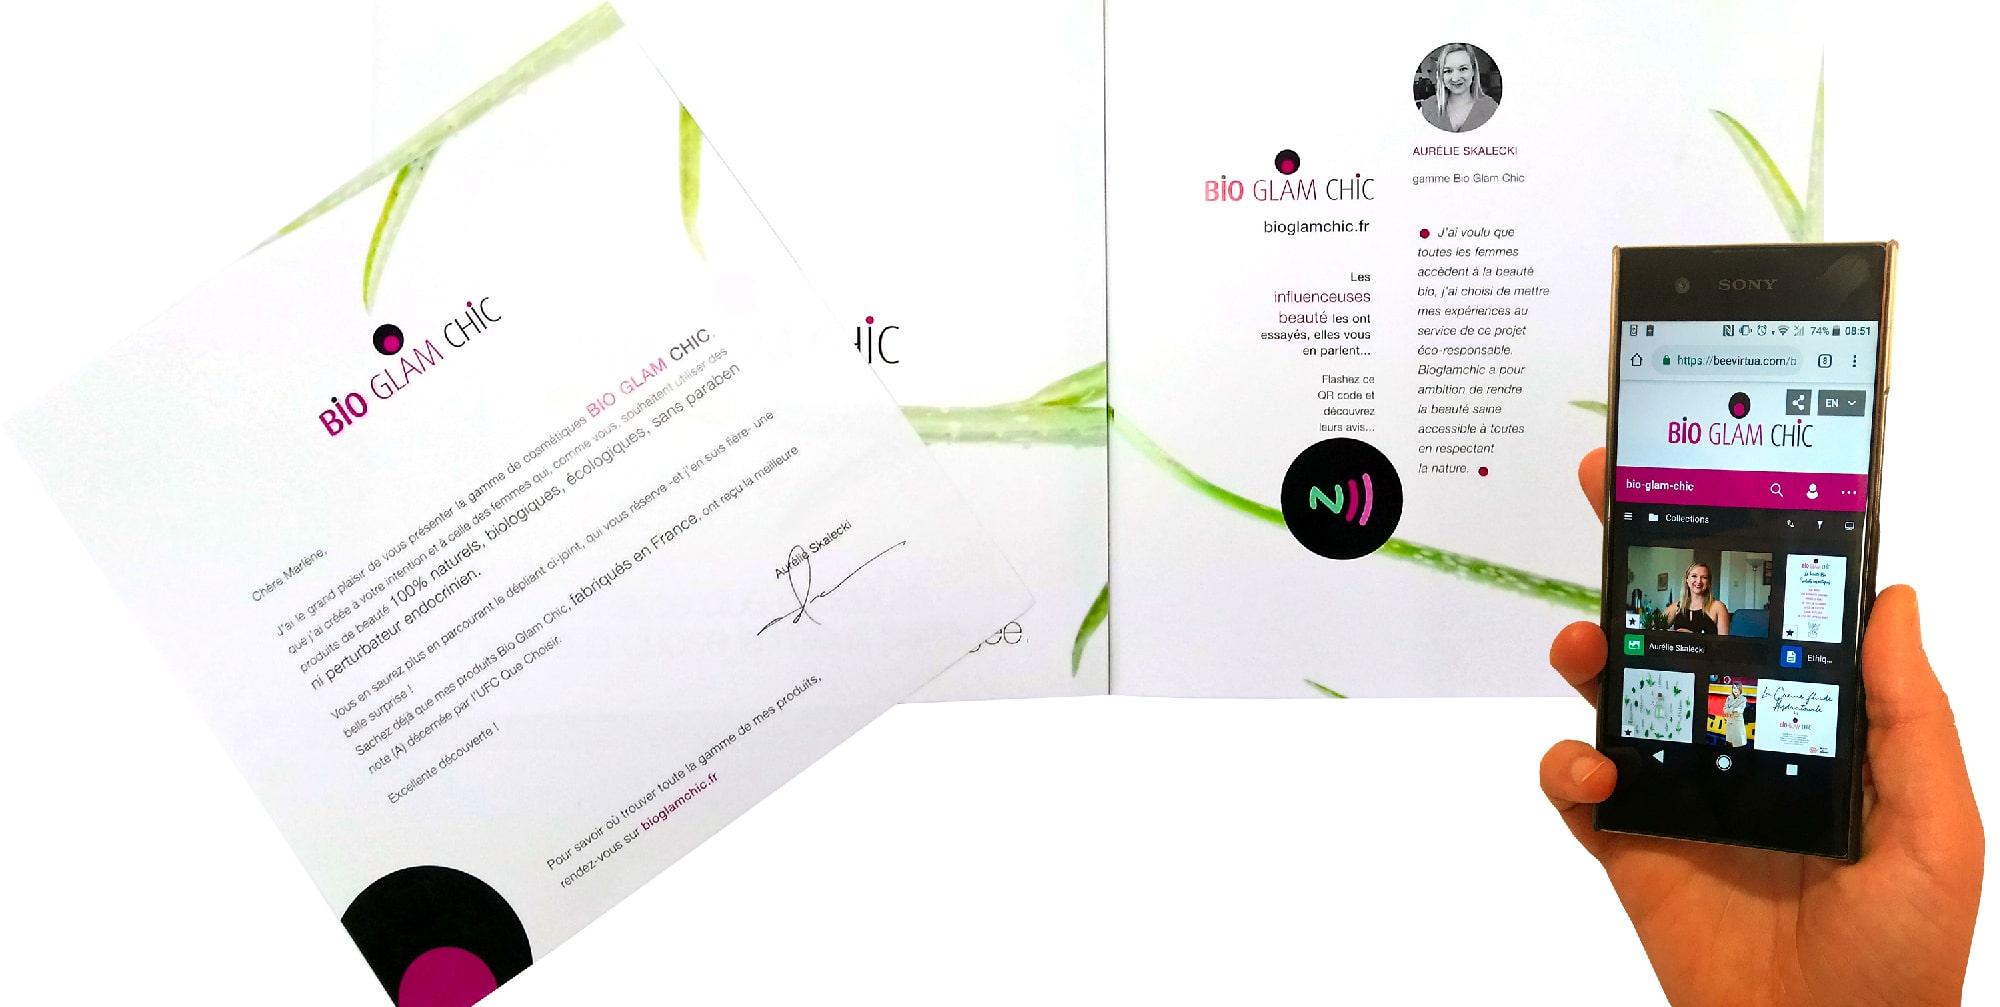 La société de cosmétiques Bio Glam Chic s'est adressée à l'imprimeur Paragon pour réaliser ce mailing connecté grâce à la technologie NFC.